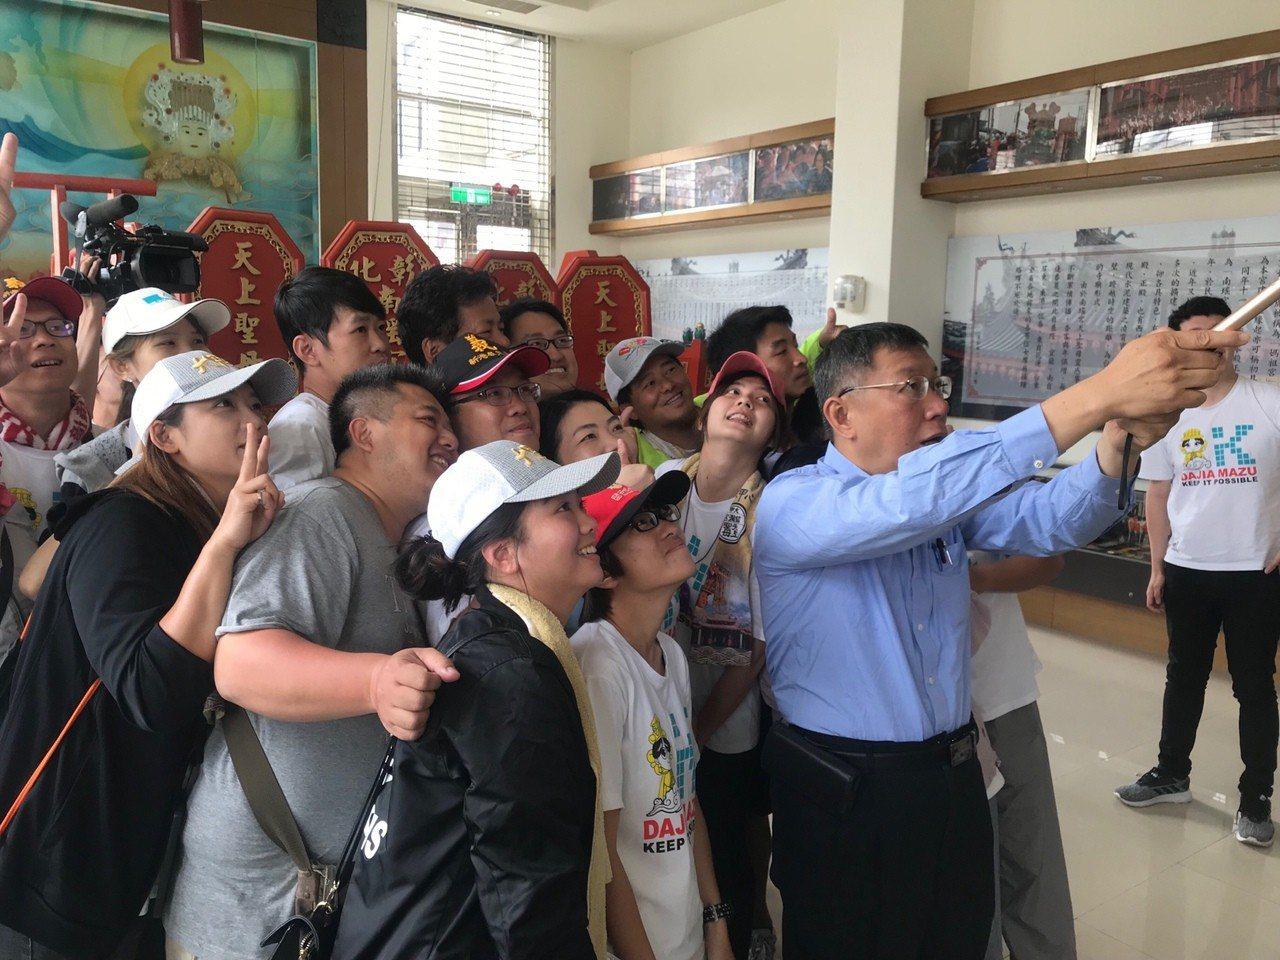 台北市長柯文哲的大甲媽還願之旅今天上午跟著媽祖回鑾行程從彰化市再出發,啟程前還有...